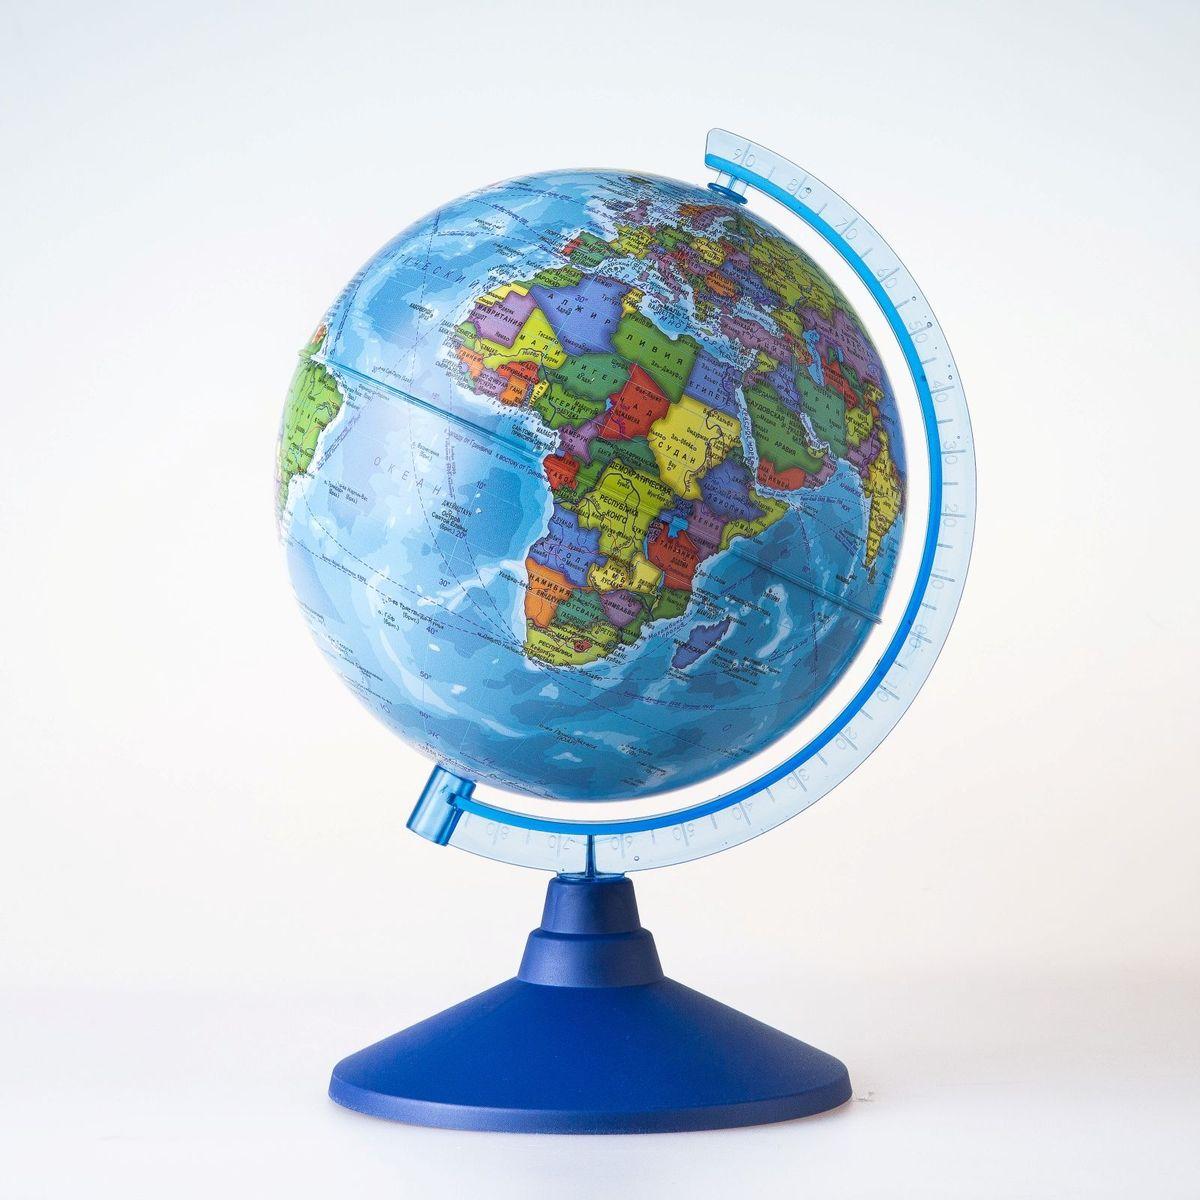 Глобен Глобус политический Классик Евро диаметр 15 смFS-00897Глобус для всех, глобус каждому!Глобус — самый простой способ привить ребенку любовь к географии. Он является отличным наглядным примером, который способен в игровой доступной и понятной форме объяснить понятия о планете Земля.Также интерес к глобусам проявляют не только детки, но и взрослые. Для многих уменьшенная копия планеты заменяет атлас мира из-за своей доступности и универсальности.Умный подарок! Кому принято дарить глобусы? Всем! Глобус политический диаметр 150мм Классик Евро — это уменьшенная копия земного шара, в которой каждый найдет для себя что-то свое.путешественники и заядлые туристы смогут отмечать с помощью стикеров те места, в которых побывали или собираются их посетитьделовые и успешные люди оценят такой подарок по достоинству, потому что глобус ассоциируется со статусом и властьюпреподаватели, ученые, студенты или просто неординарные личности также найдут для глобуса достойное место в своем доме.Итак, спешите заказать настольные глобусы в нашем интернет-магазине по привлекательным ценам, и помните, кто владеет глобусом, тот владеет миром!